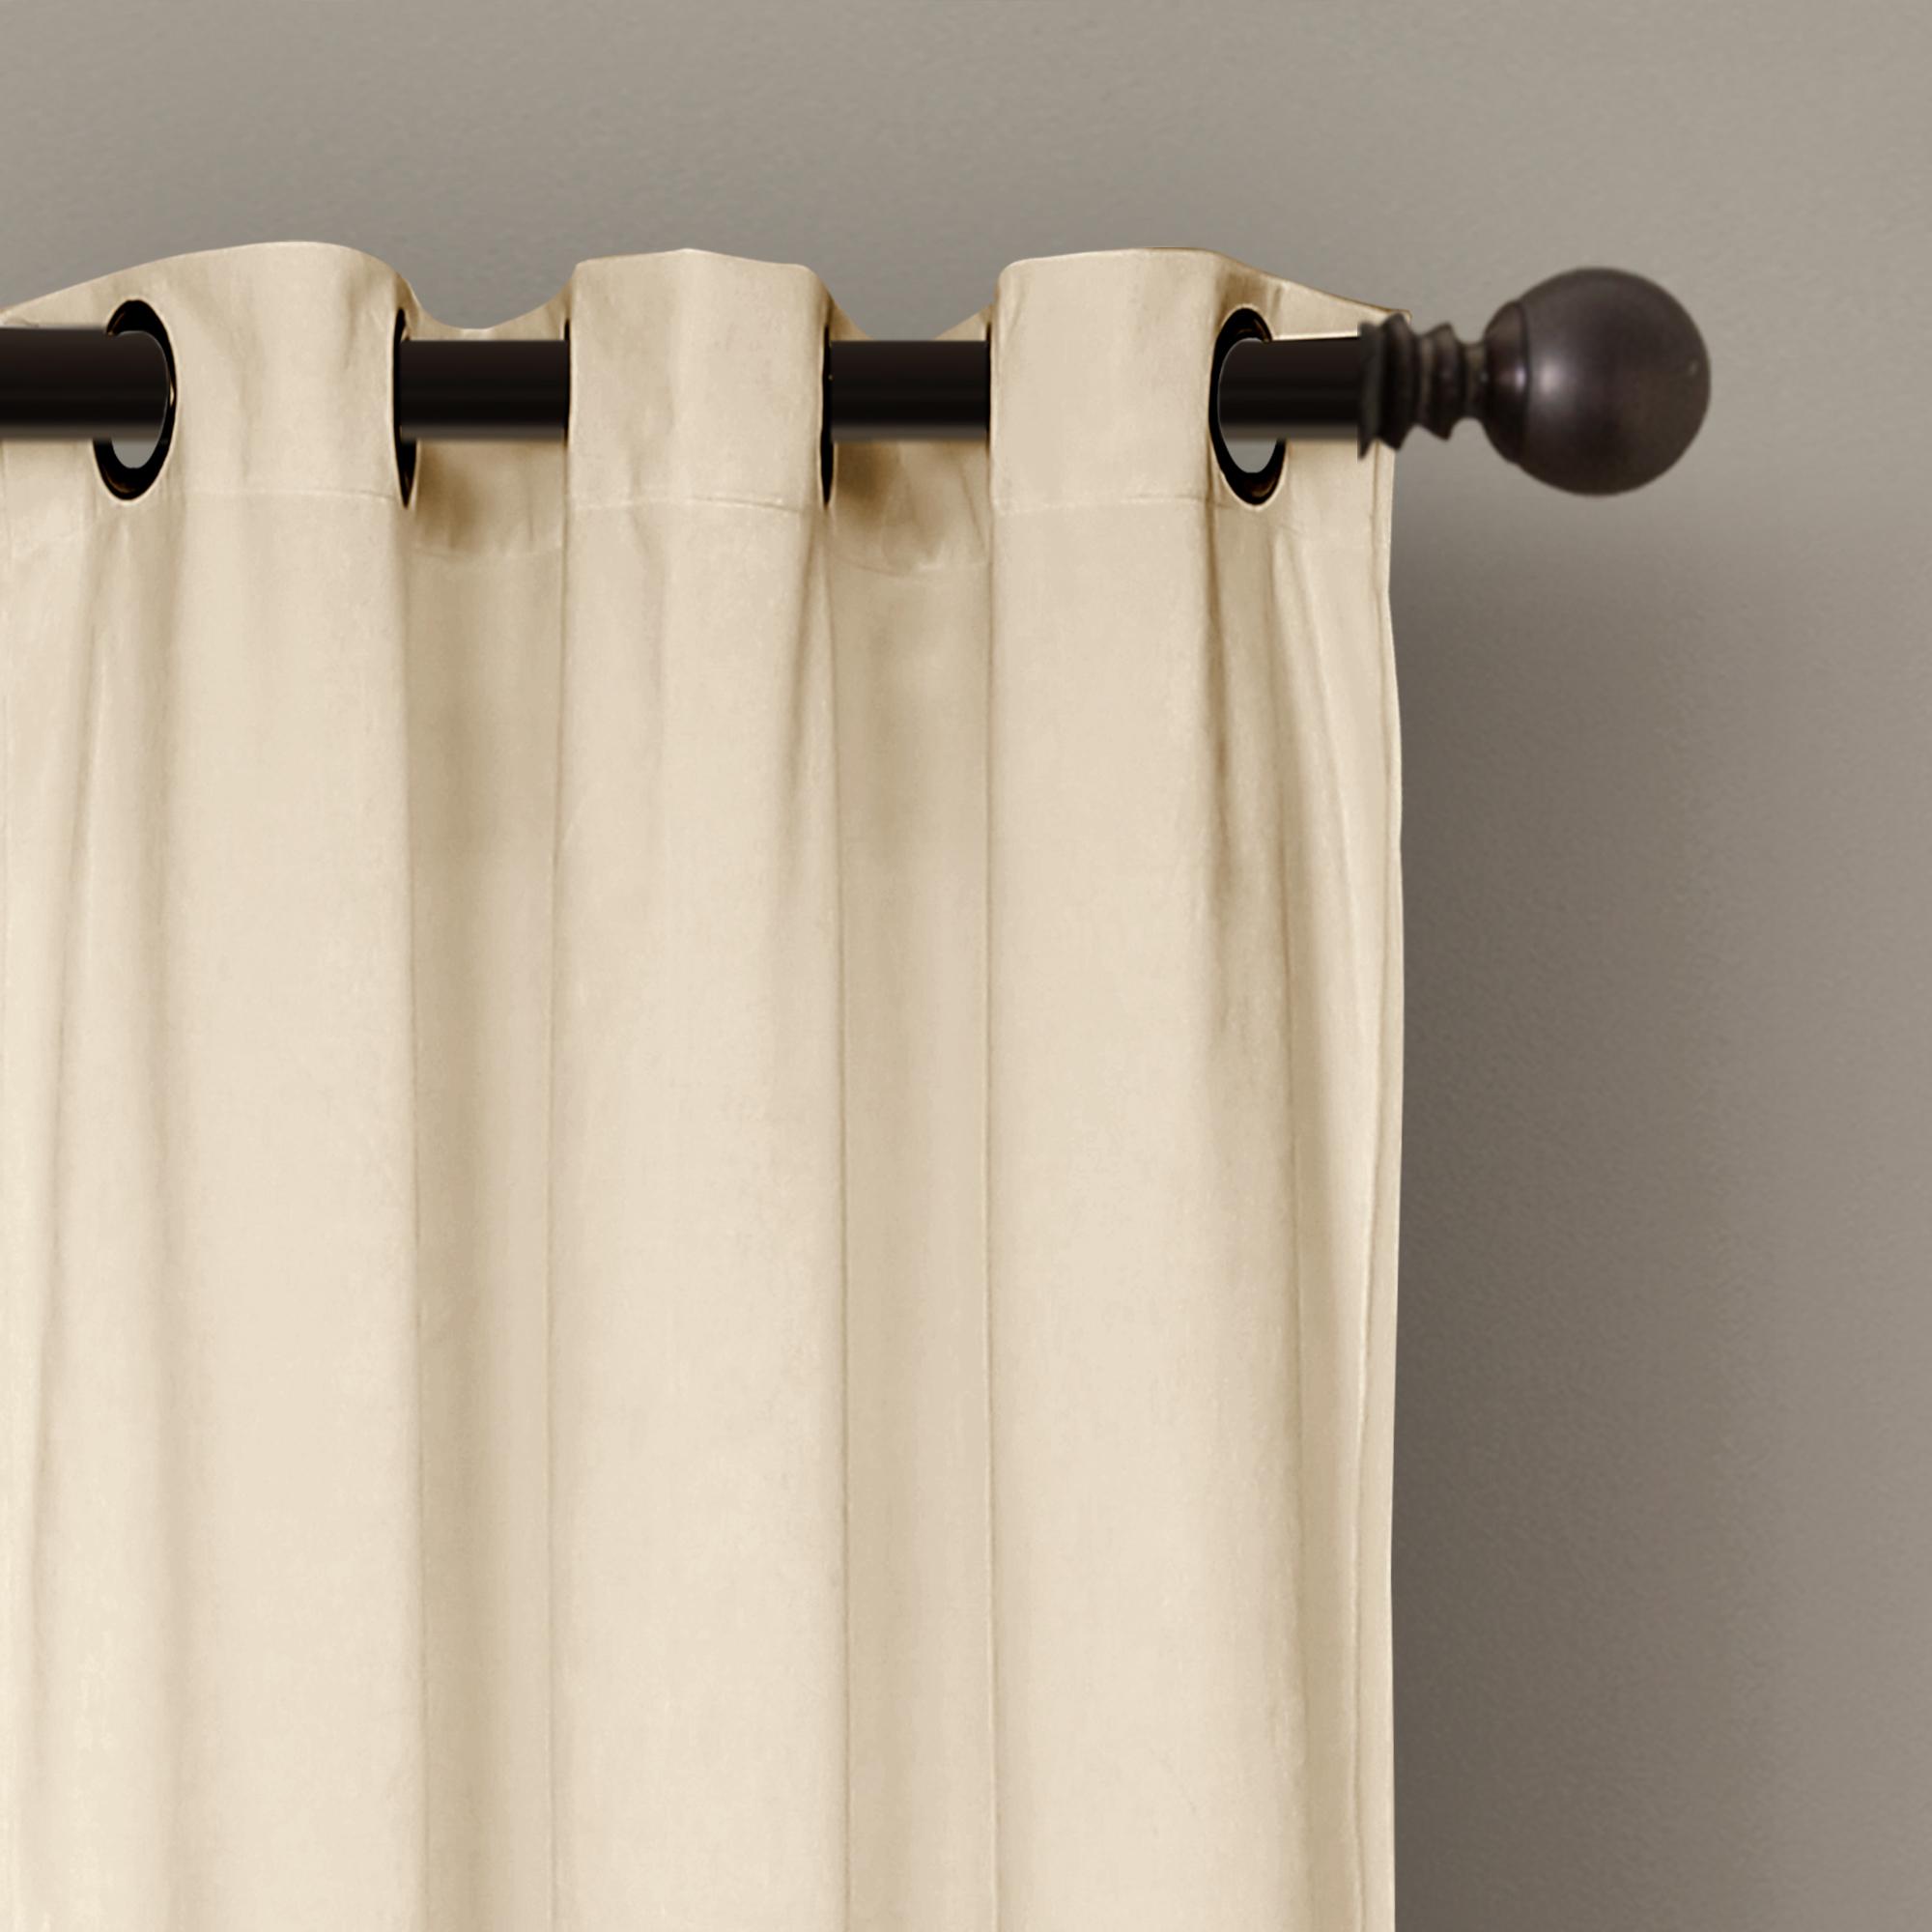 """Details About Prima Velvet Color Block Room Darkening Window Curtain Panel  Pair, 84"""" X 38"""" regarding Mid Century Geo Room Darkening Window Curtain Panel Pairs (Image 4 of 20)"""